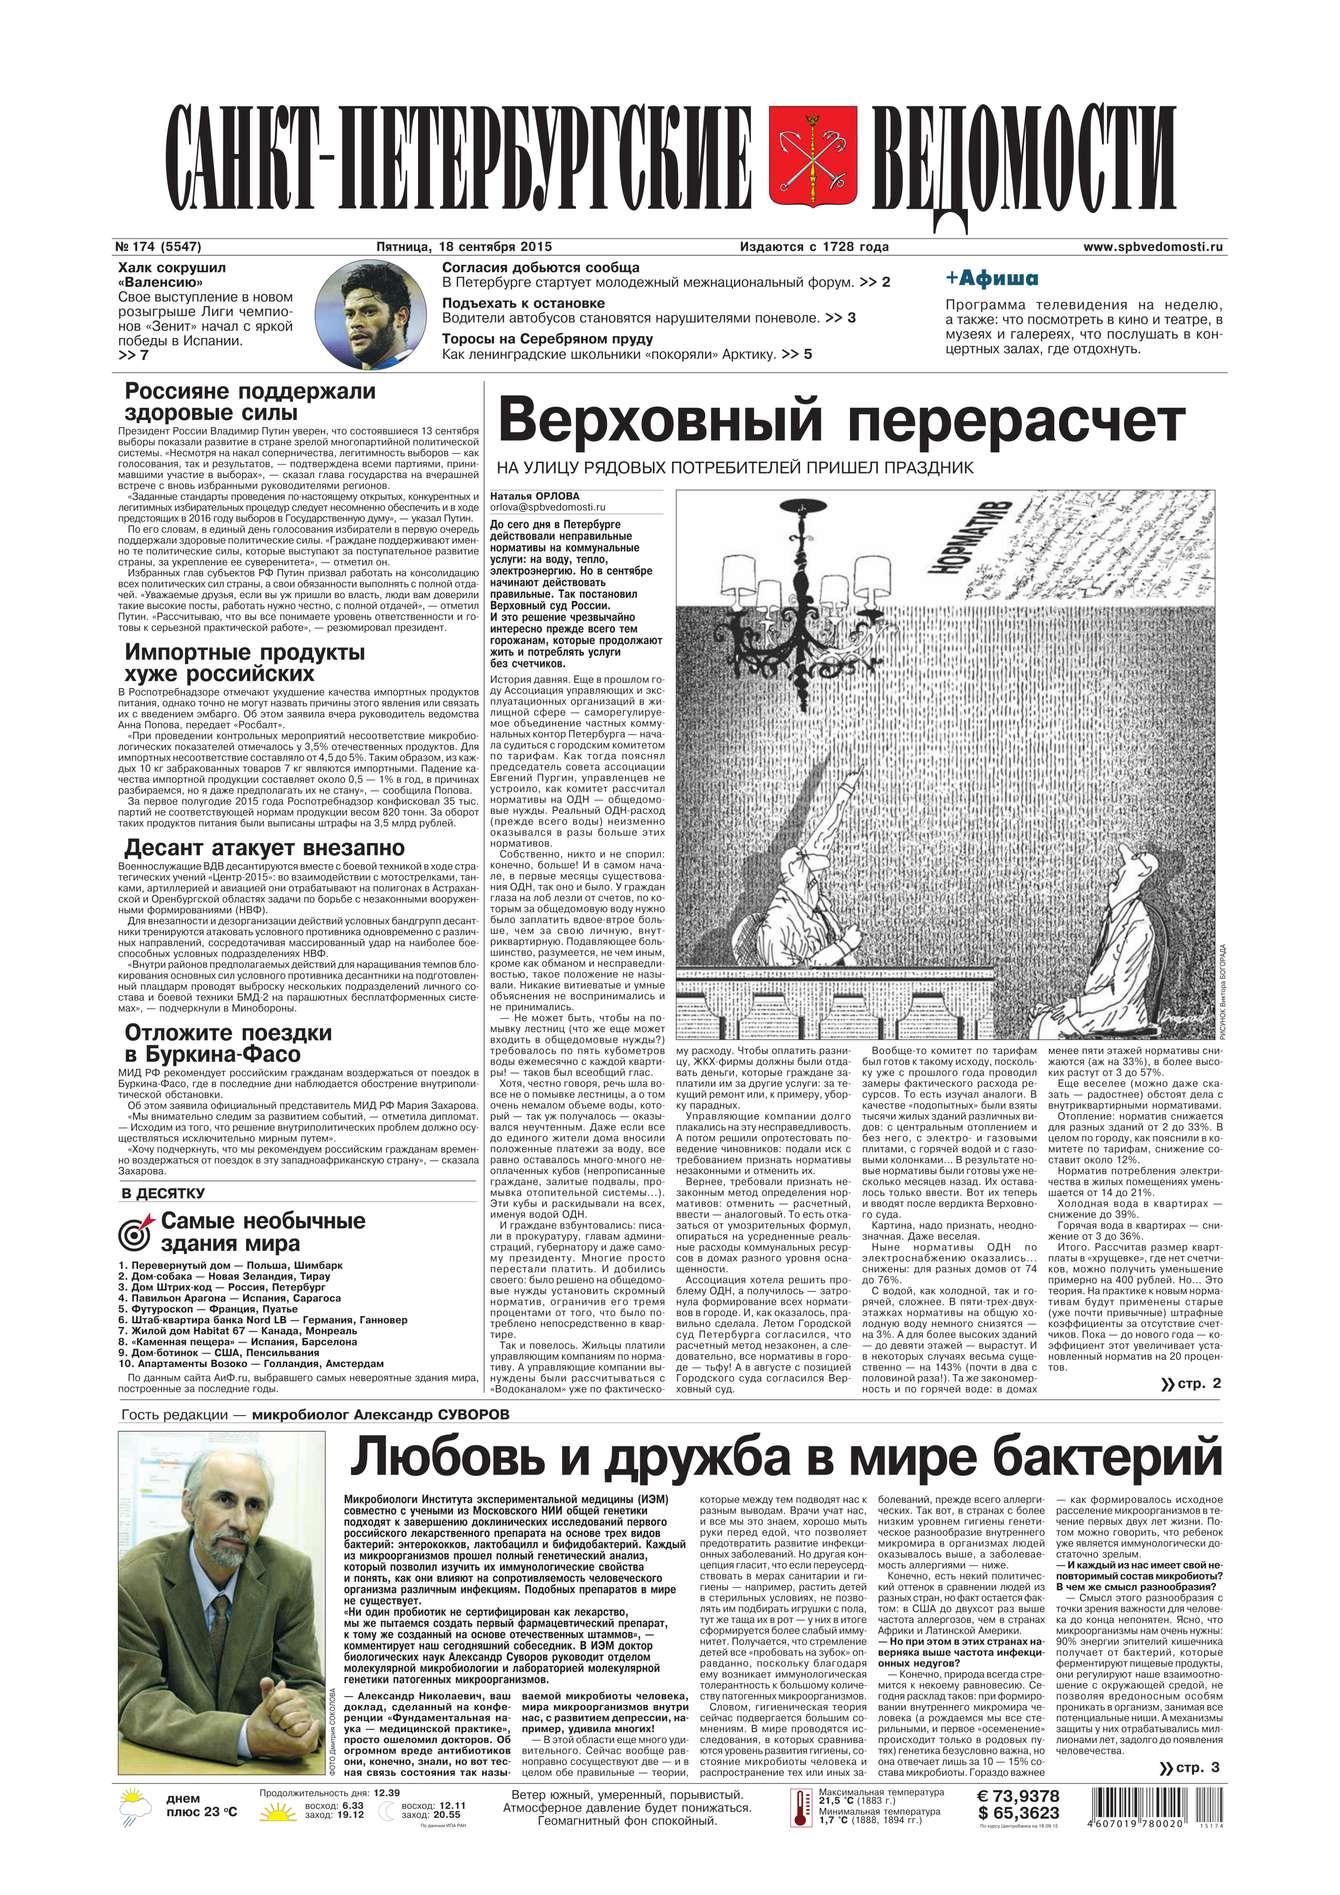 Санкт-Петербургские ведомости 174-2015